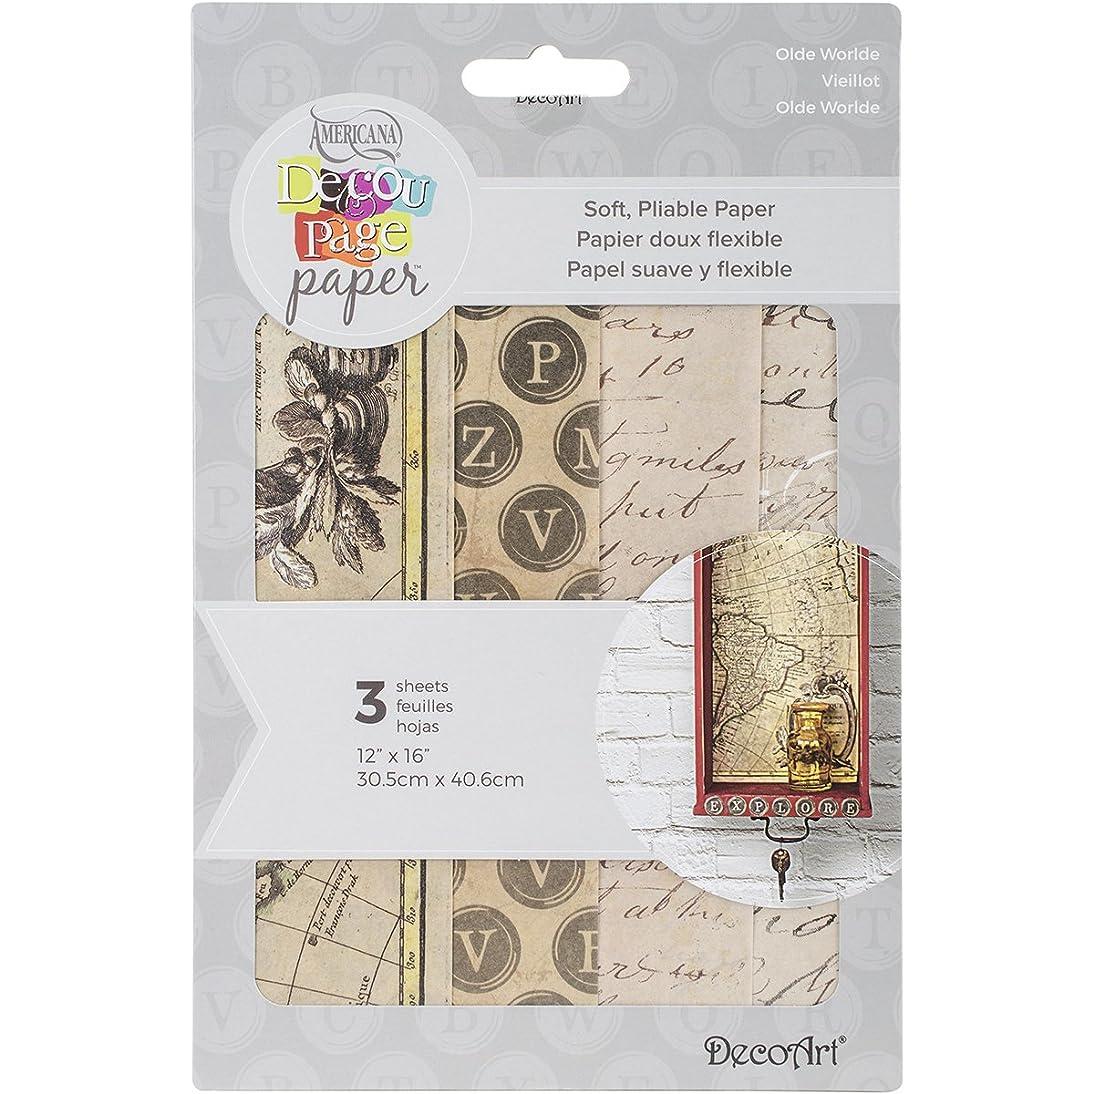 Deco Art Decoupage Paper (3 Pack), 12